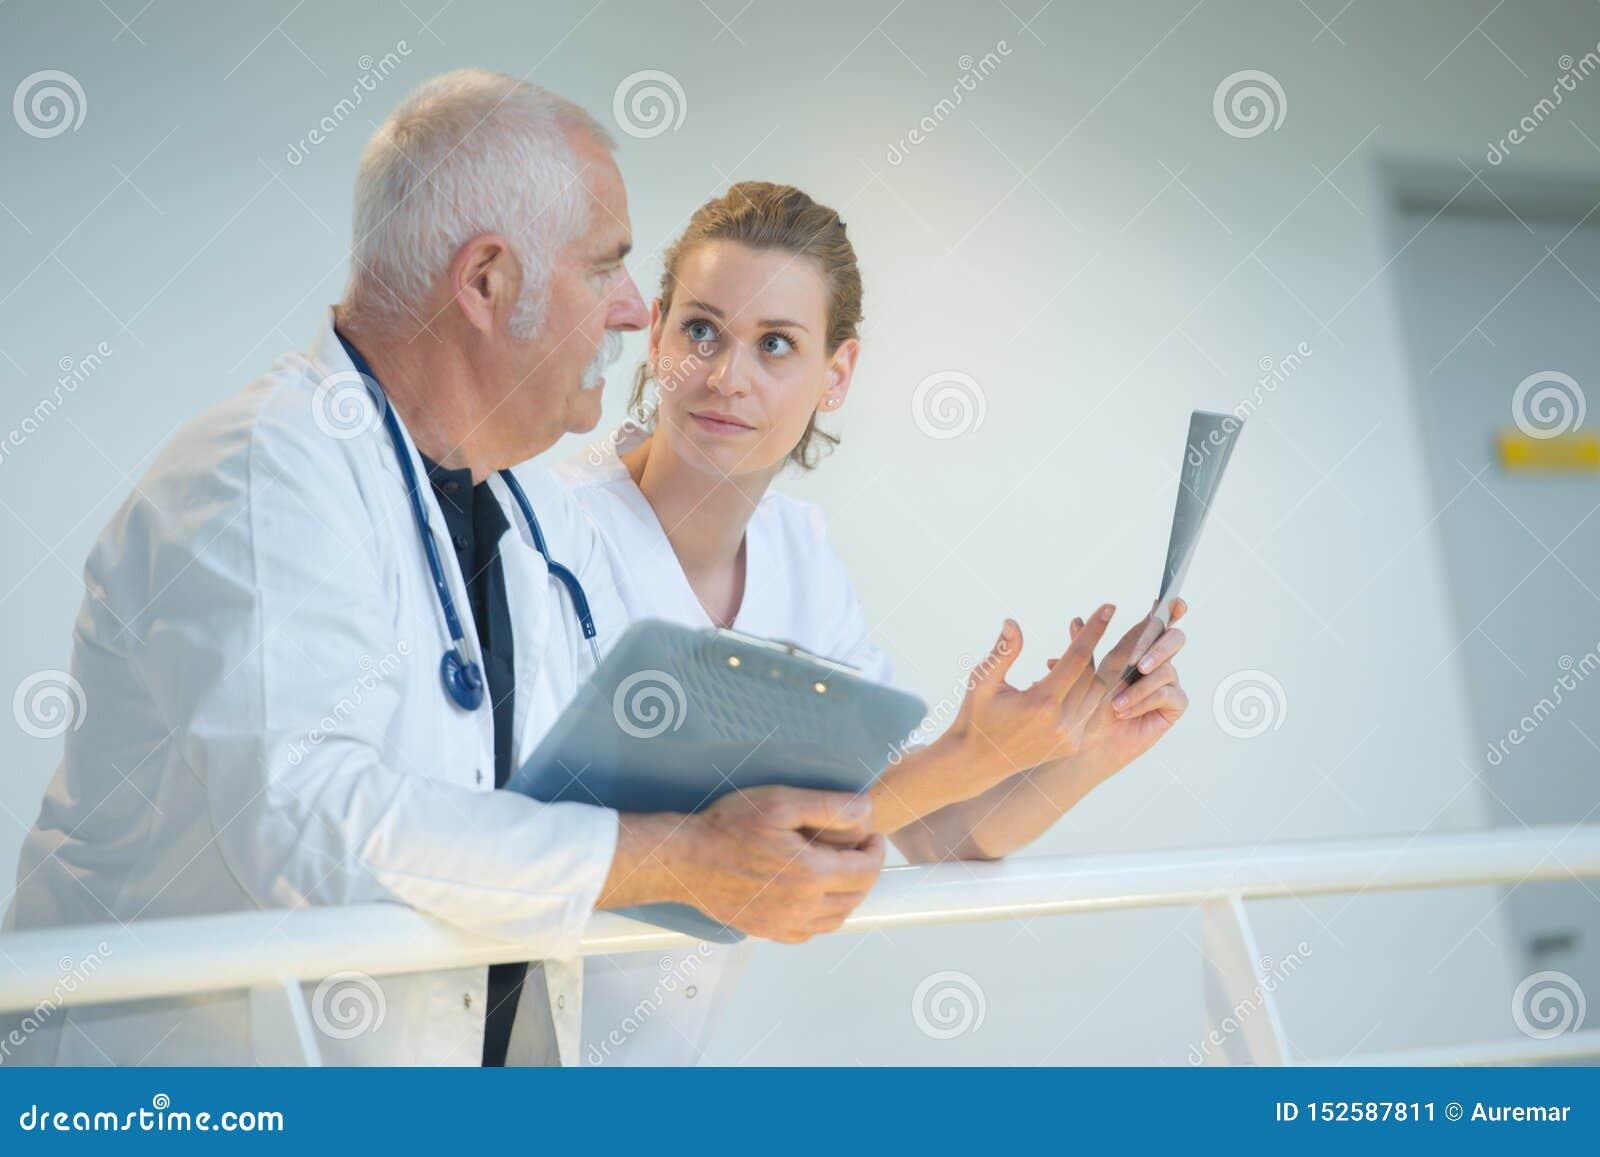 Ιατρικό προσωπικό στη συζήτηση που κλίνει πέρα από το κιγκλίδωμα